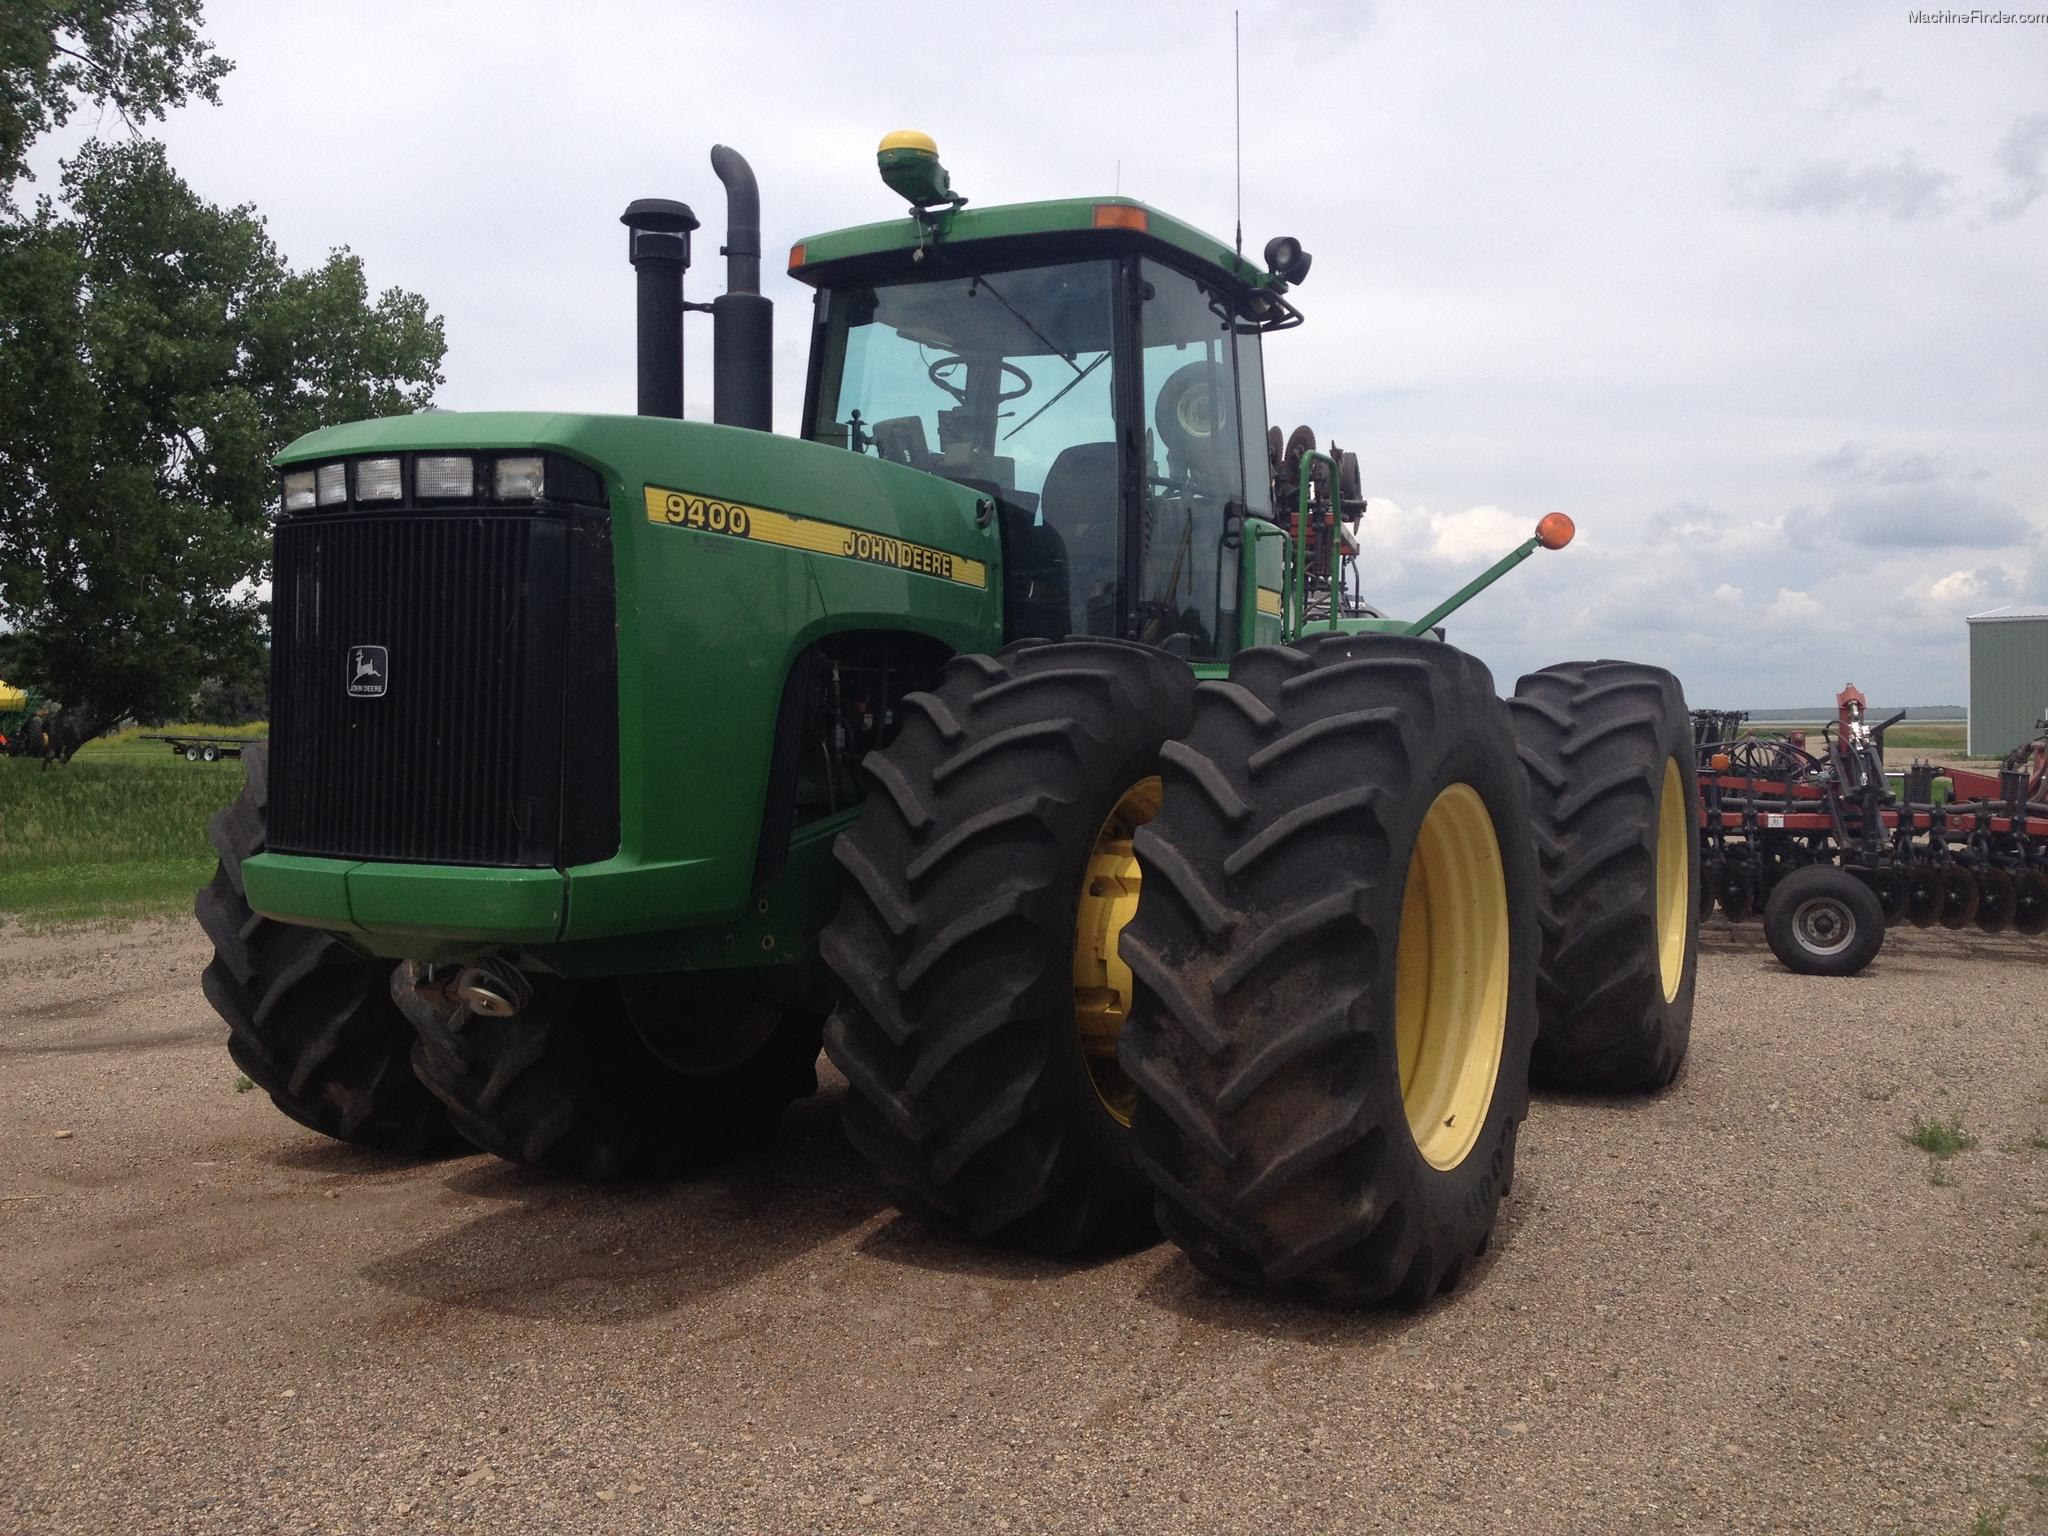 1997 John Deere 9400 Tractors - Articulated 4WD - John ...